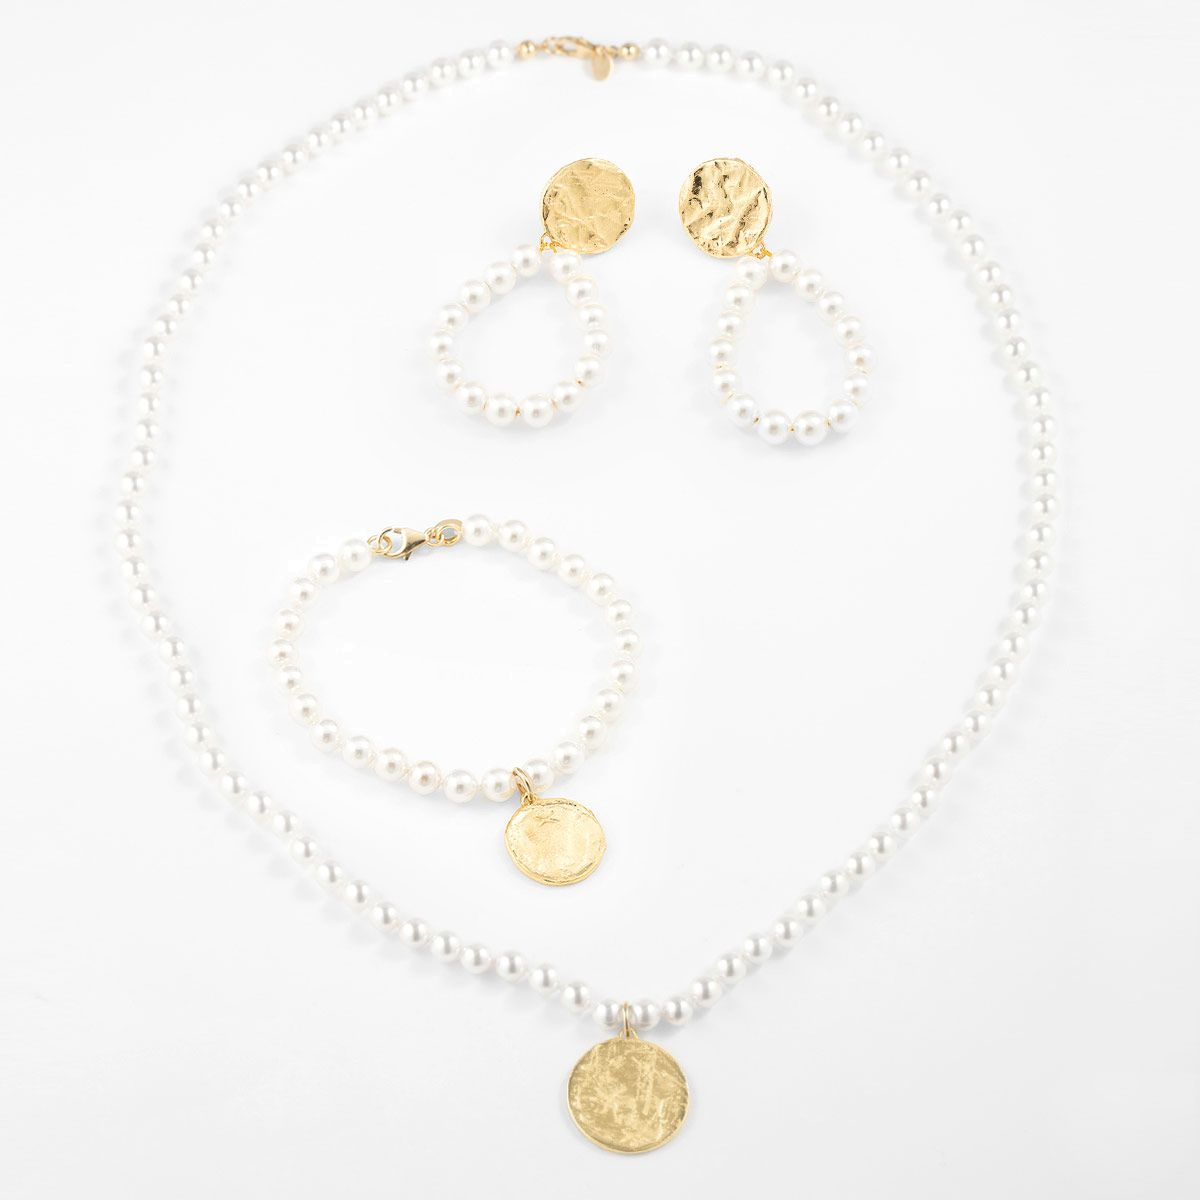 3er Perlen für Stilikonen